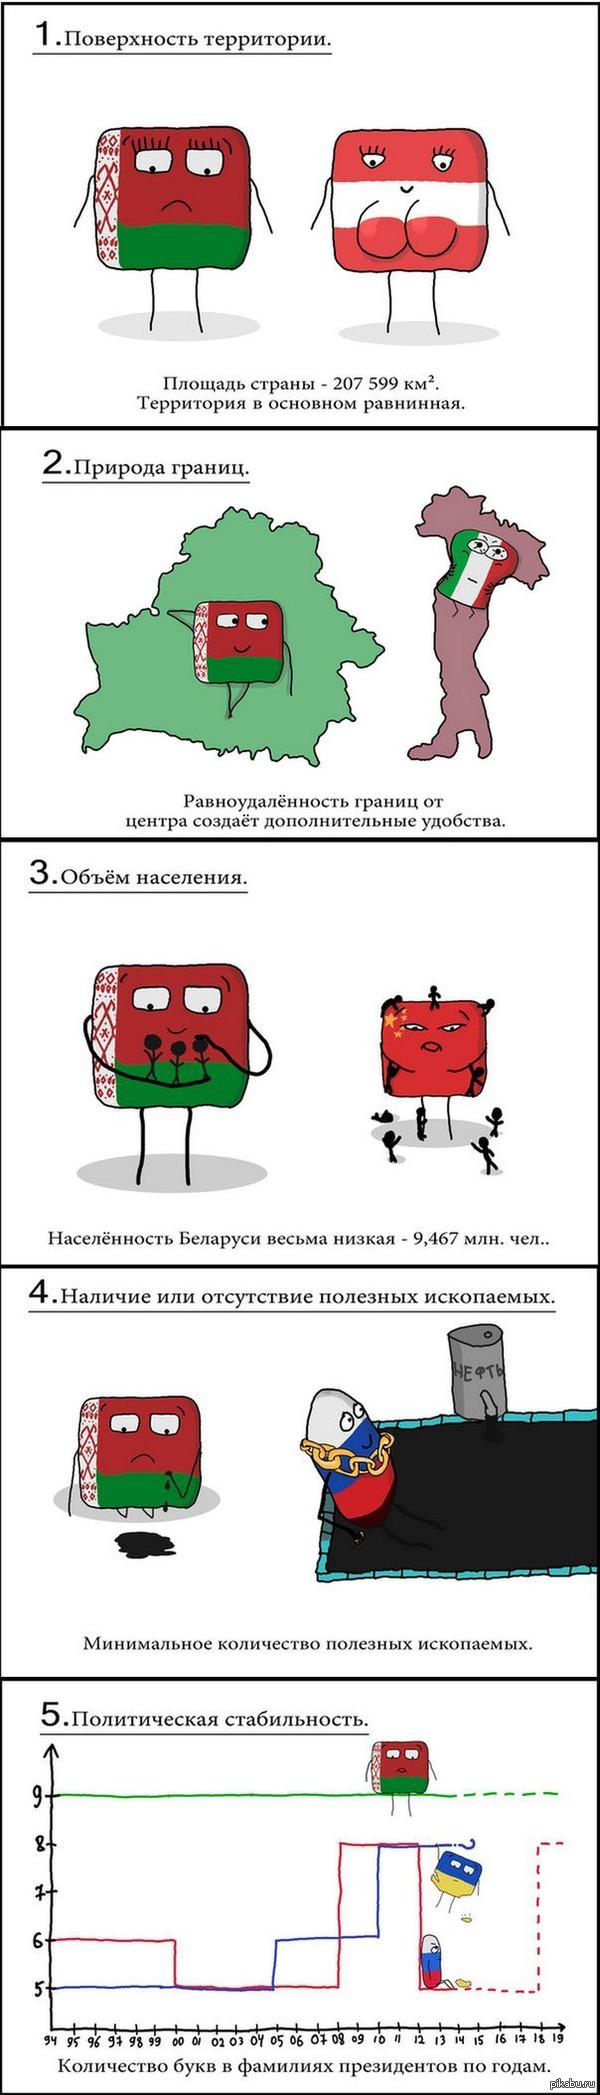 Беларусь в сравнении